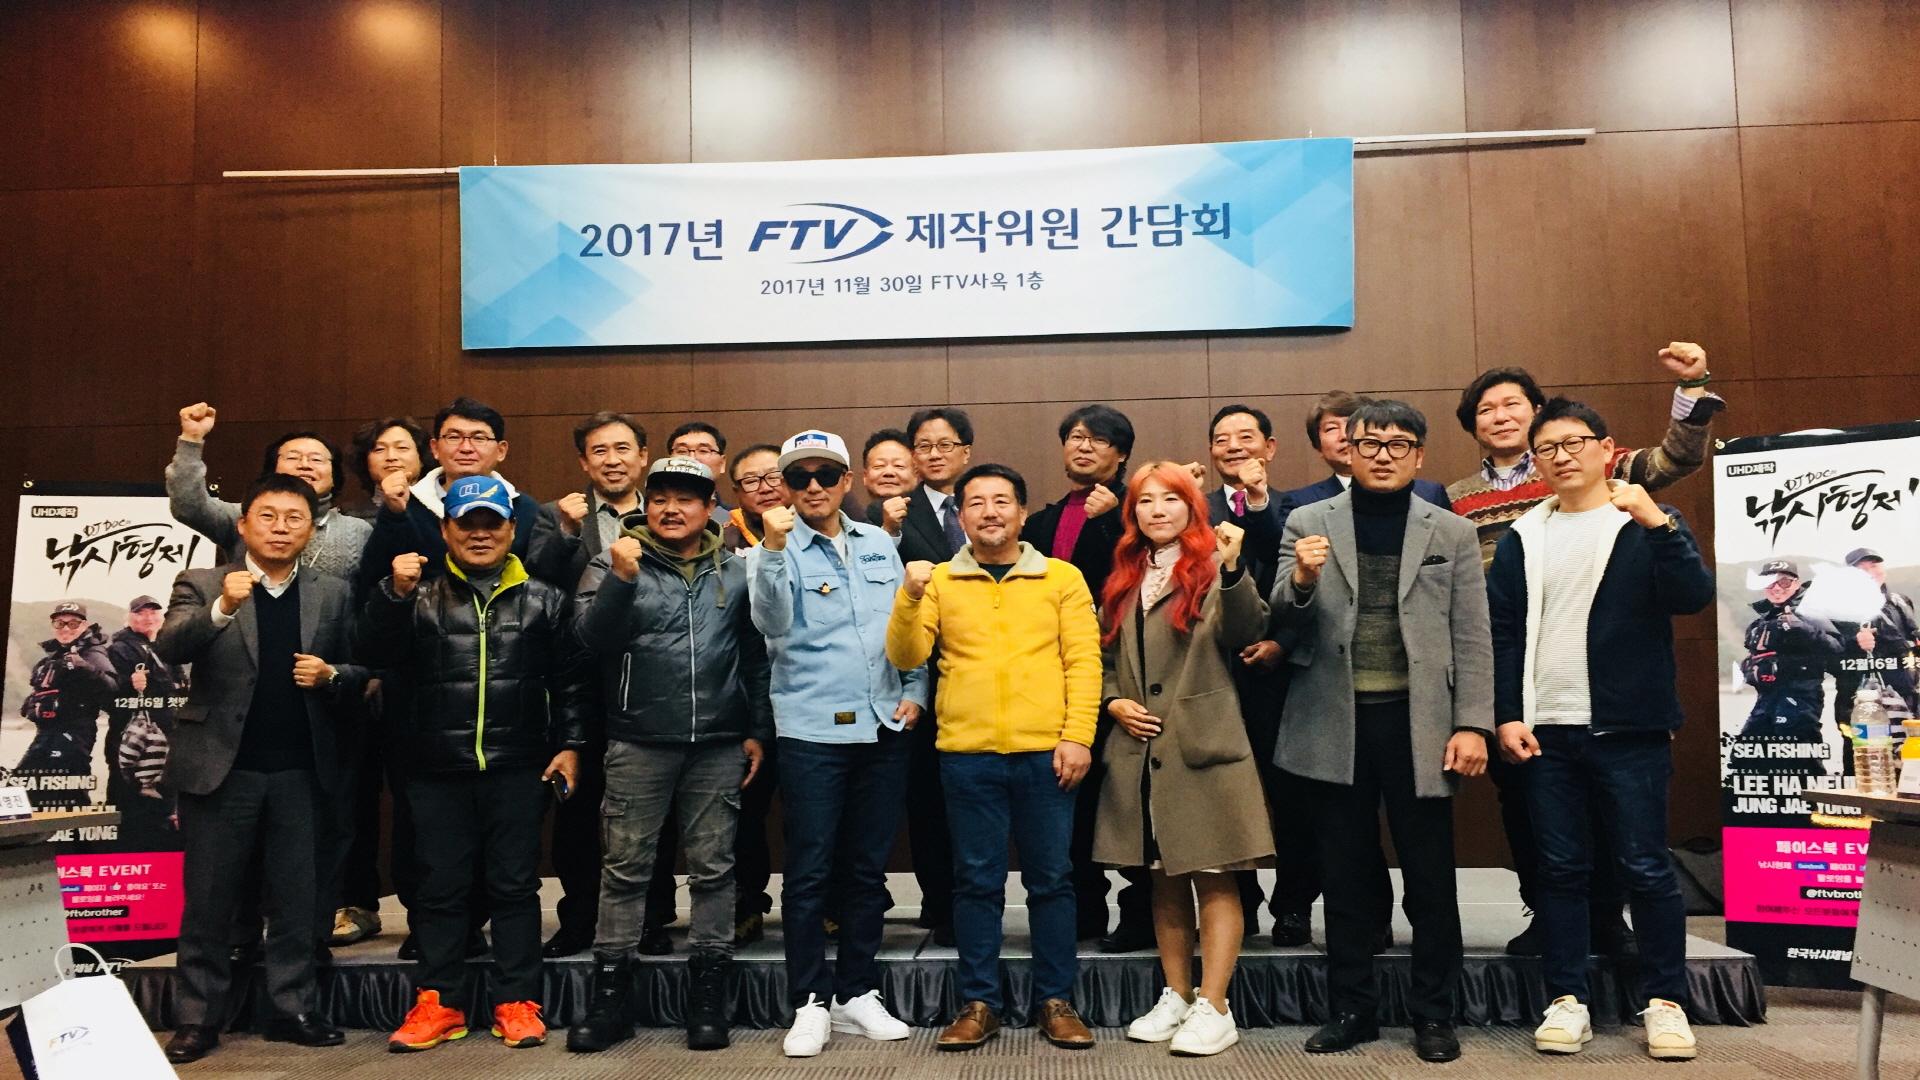 '2017년 FTV 제작위원 간담회' 열려...내년 전문채널 위상 강화·새로운 포맷 개발 주력